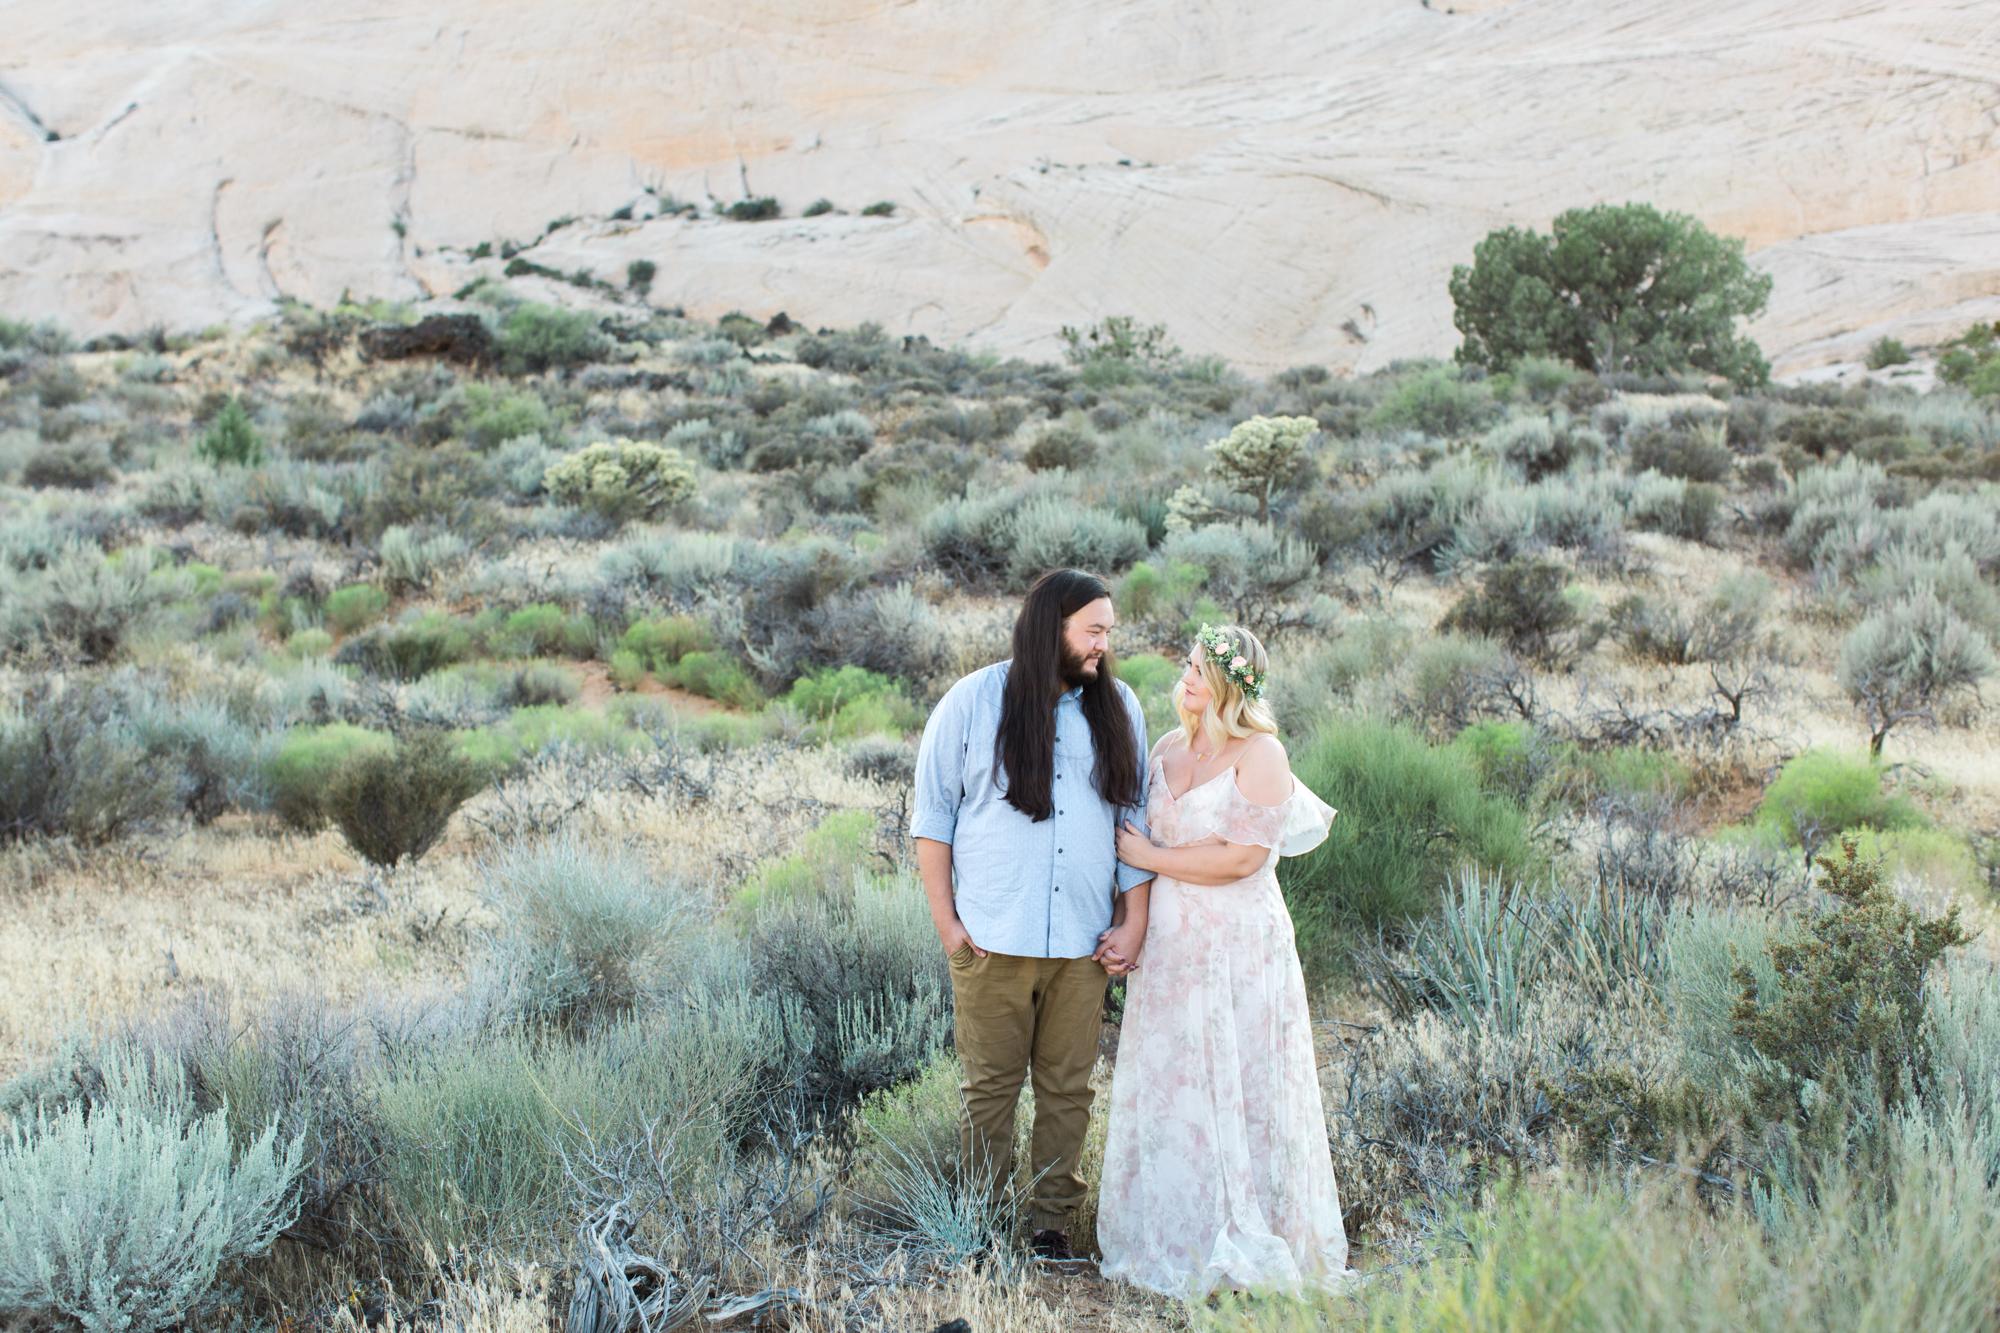 Kelcie-Ryan-Engagements-89.jpg